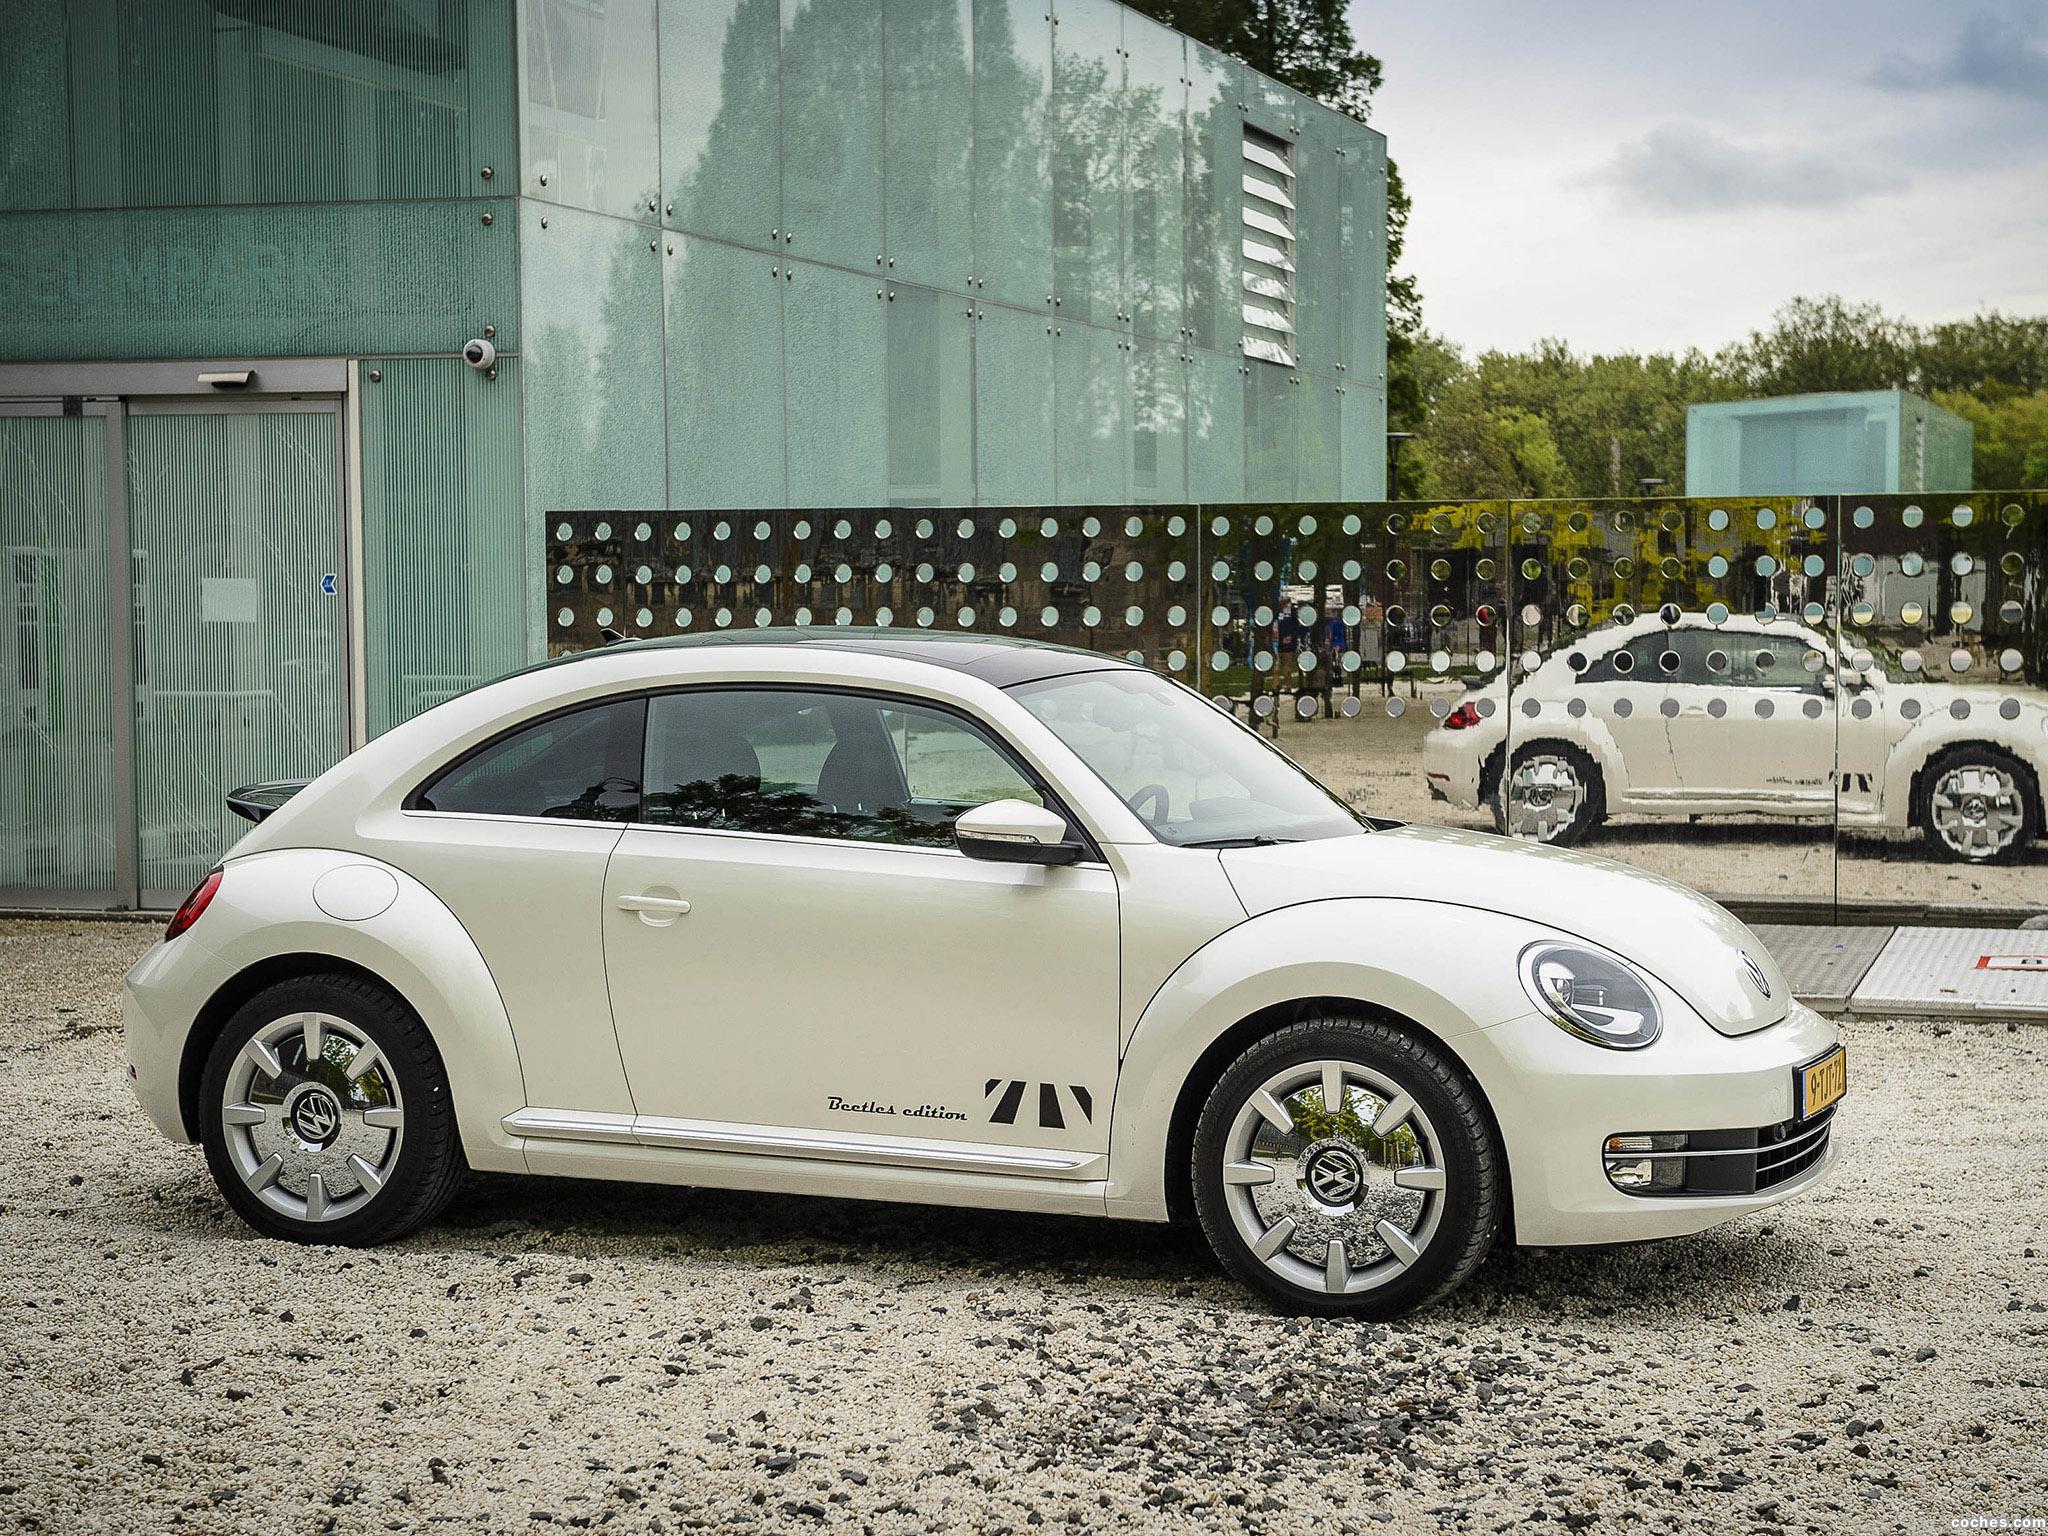 Foto 0 de Volkswagen Beetle Beetles Edition 2014